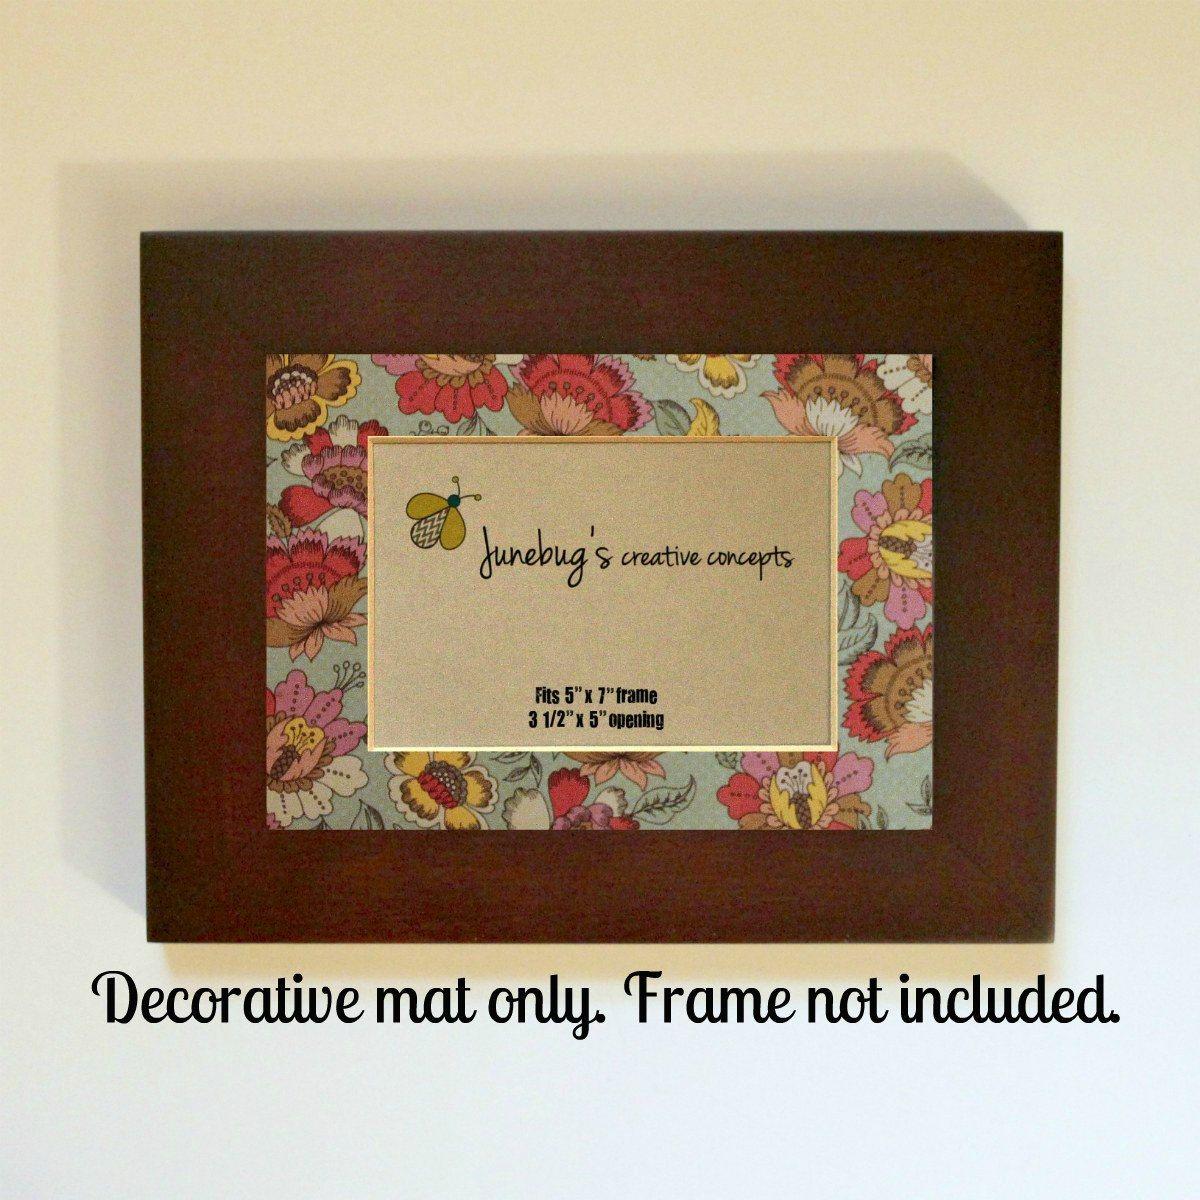 Home Decor Photo Mat fits 5x7 Frame Vintage Floral, Decorative Photo ...